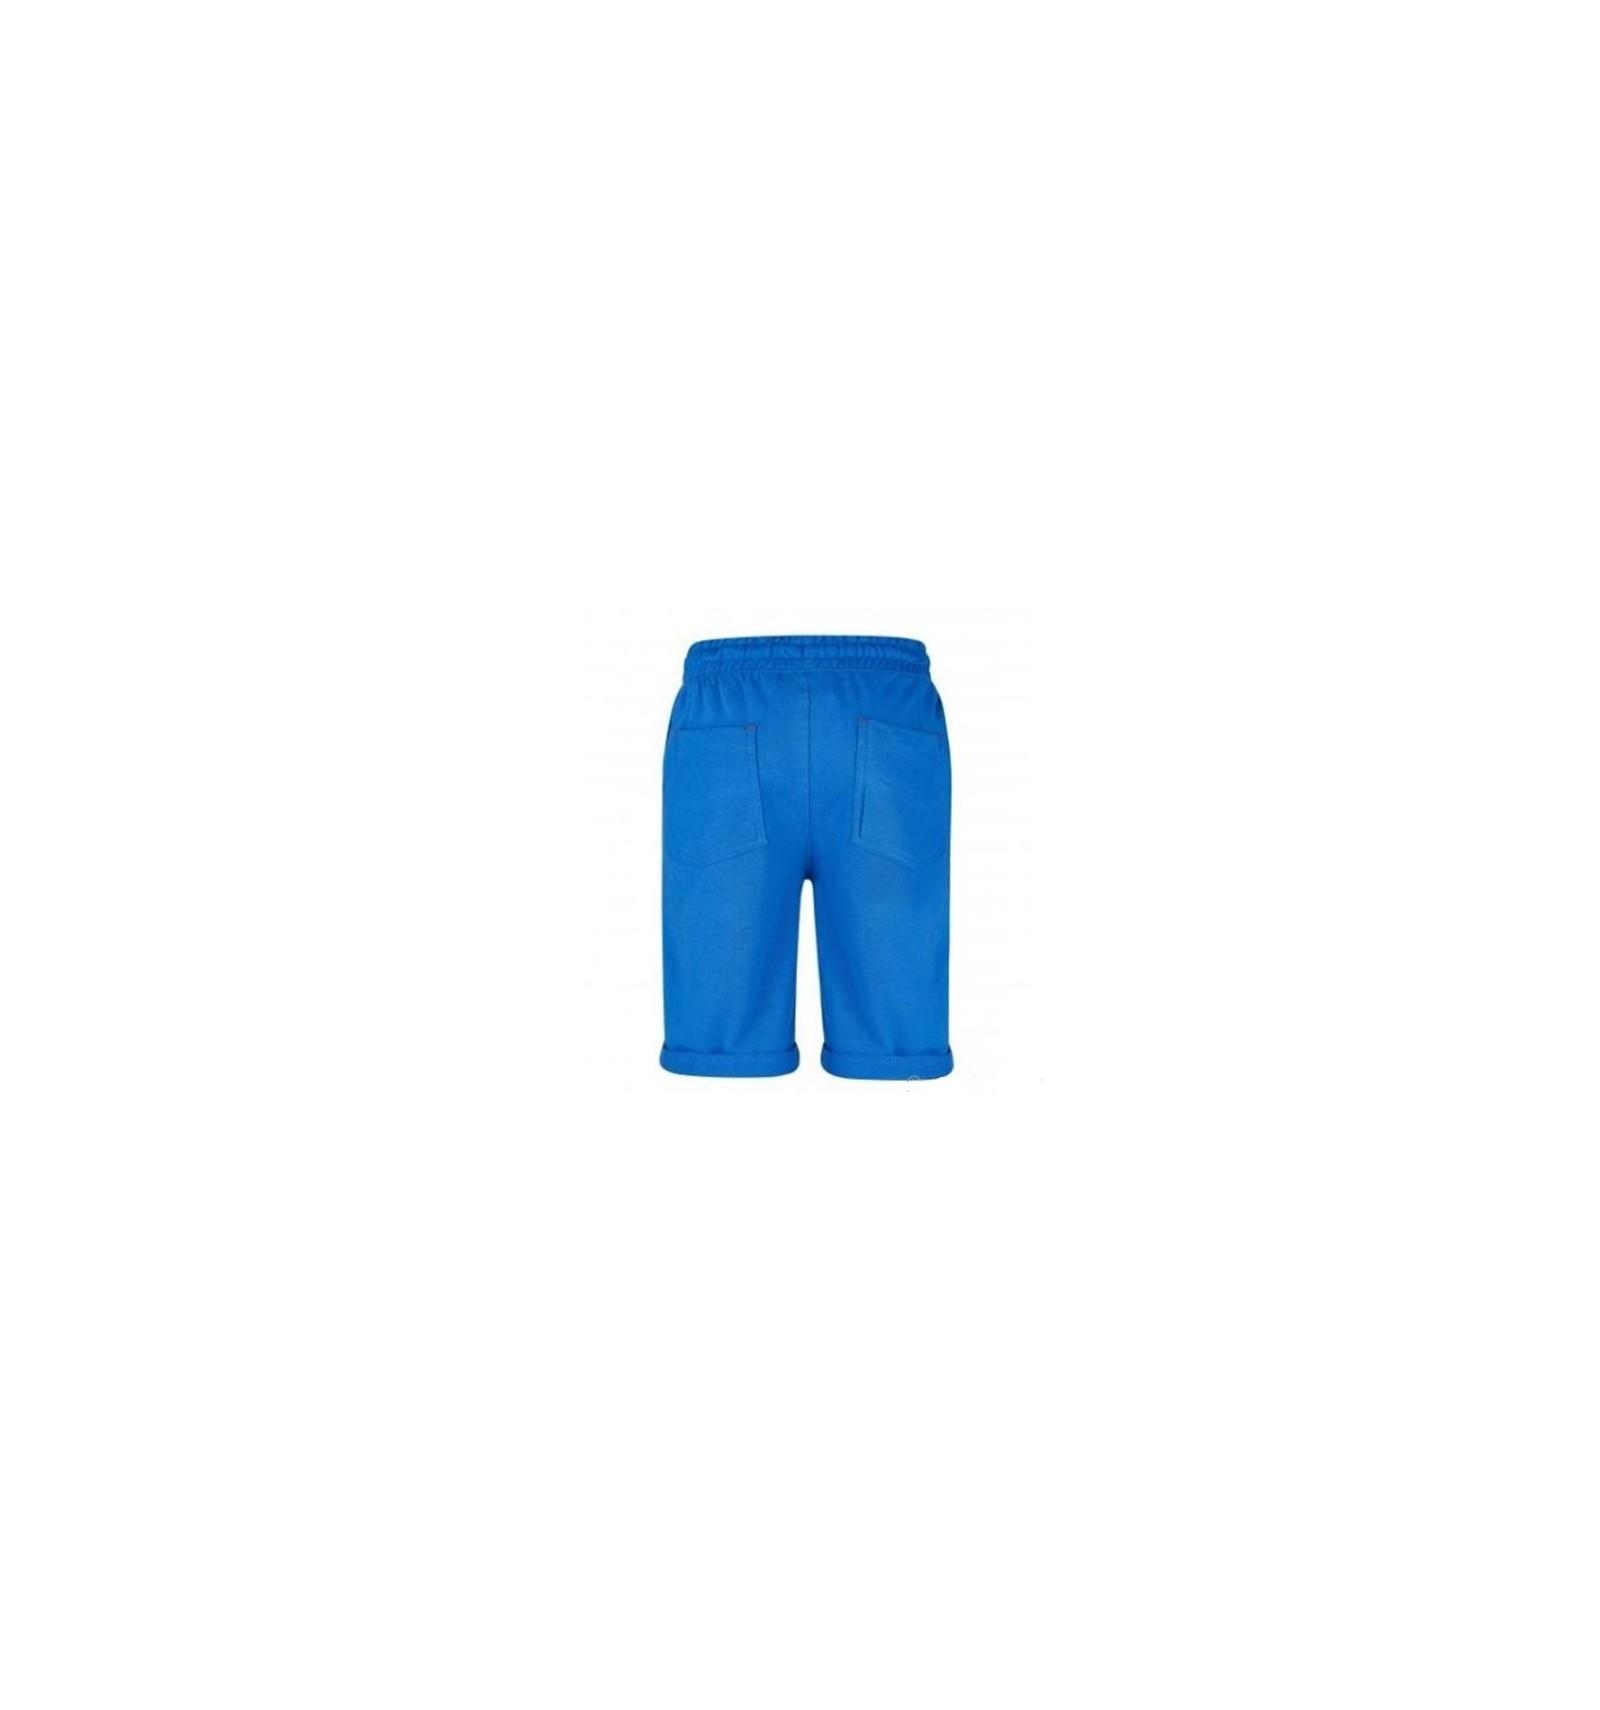 imagini detaliate cod promoțional stiluri proaspete Pantaloni scurti baieti Patrula Catelusilor albastru